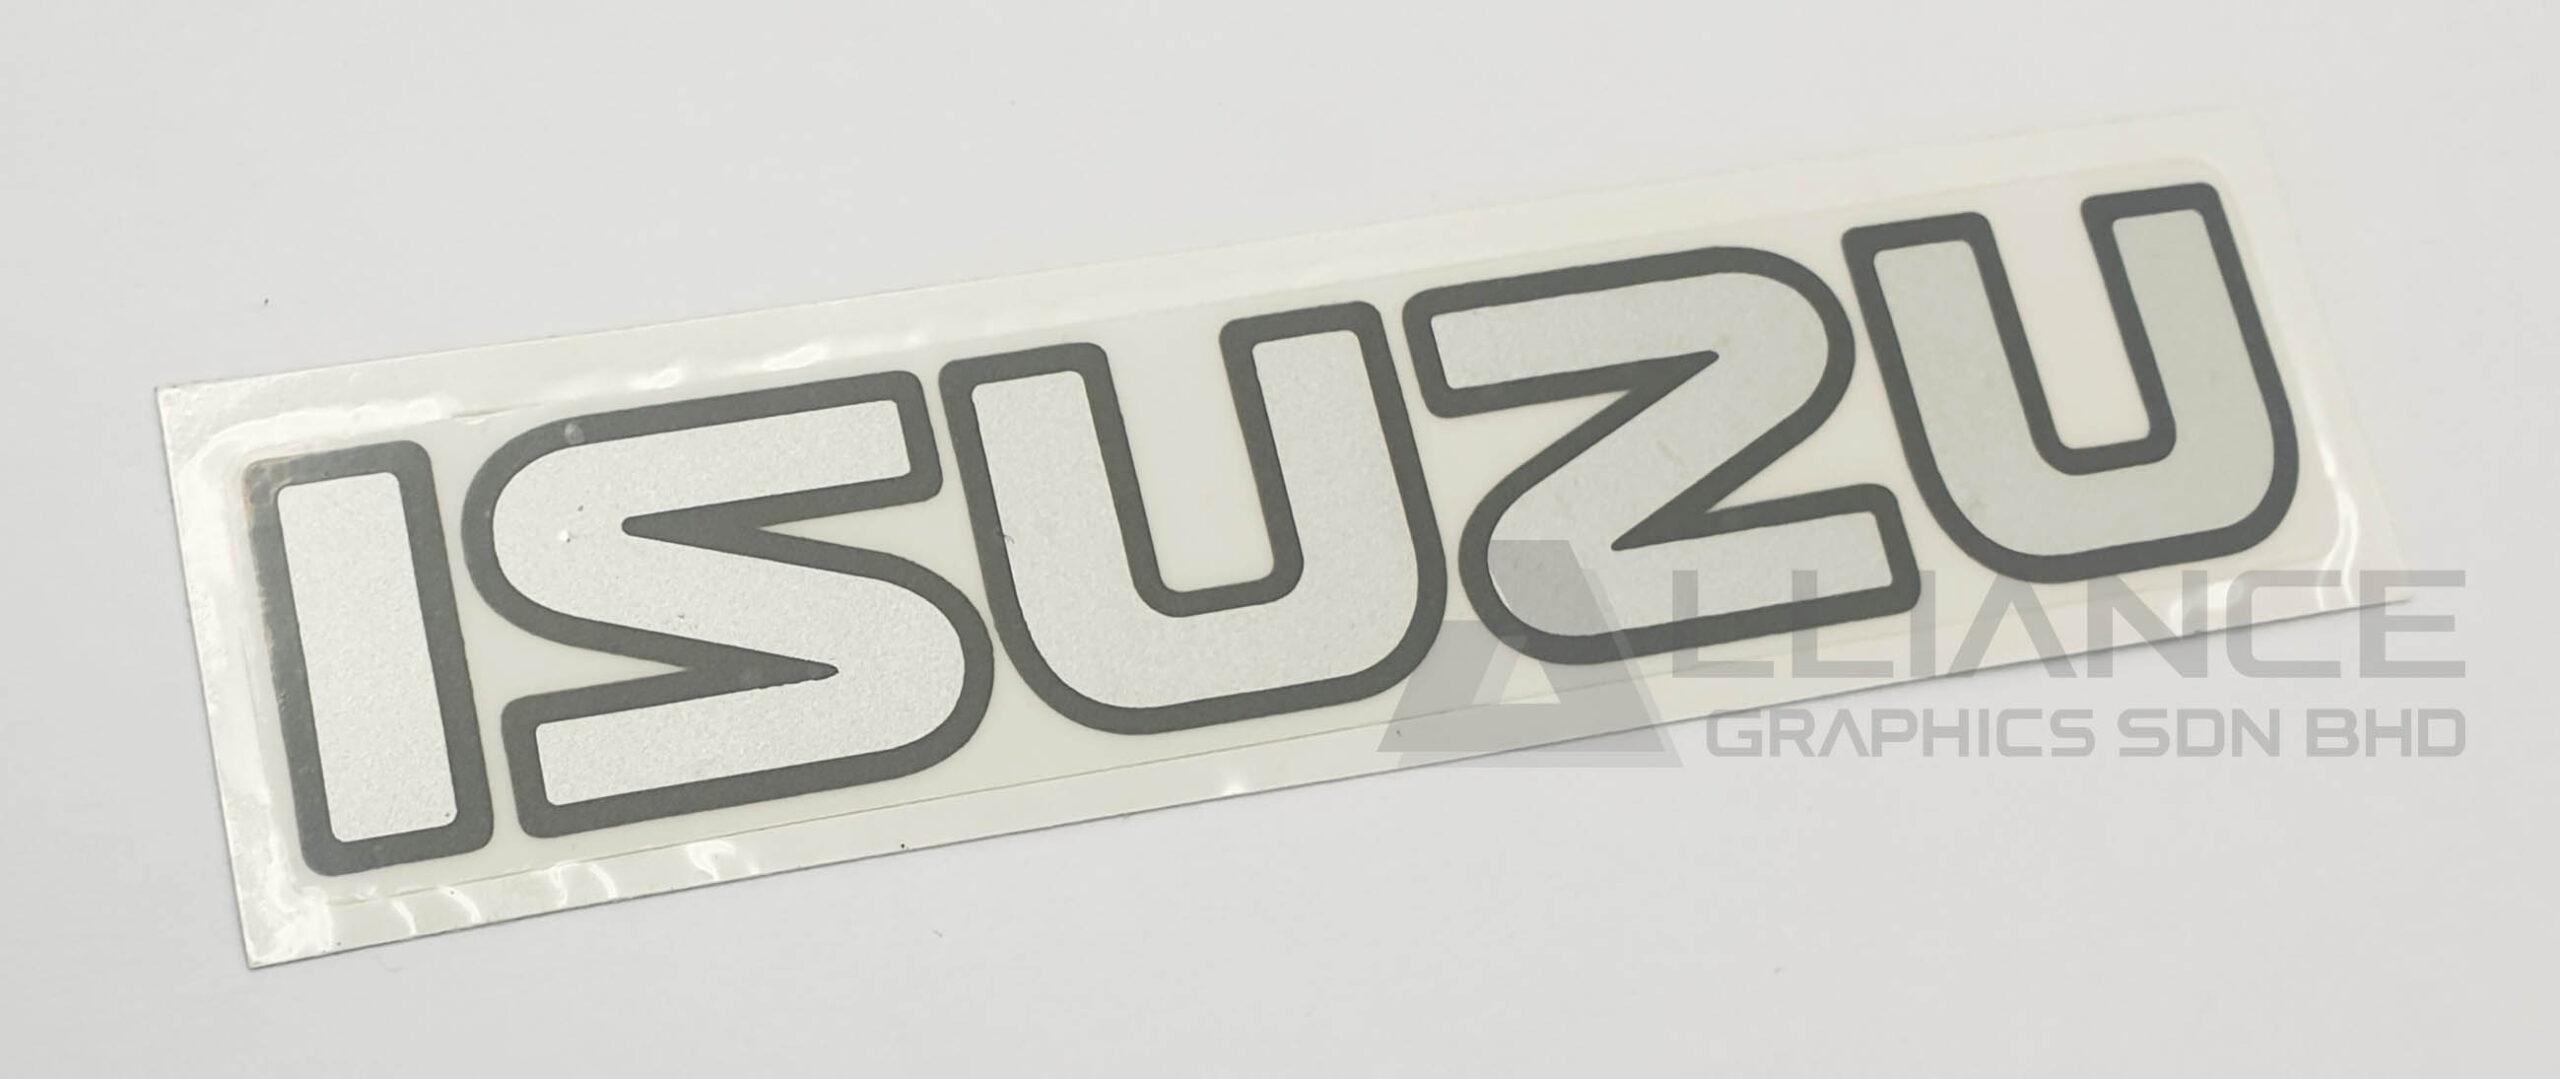 isuzu stiker